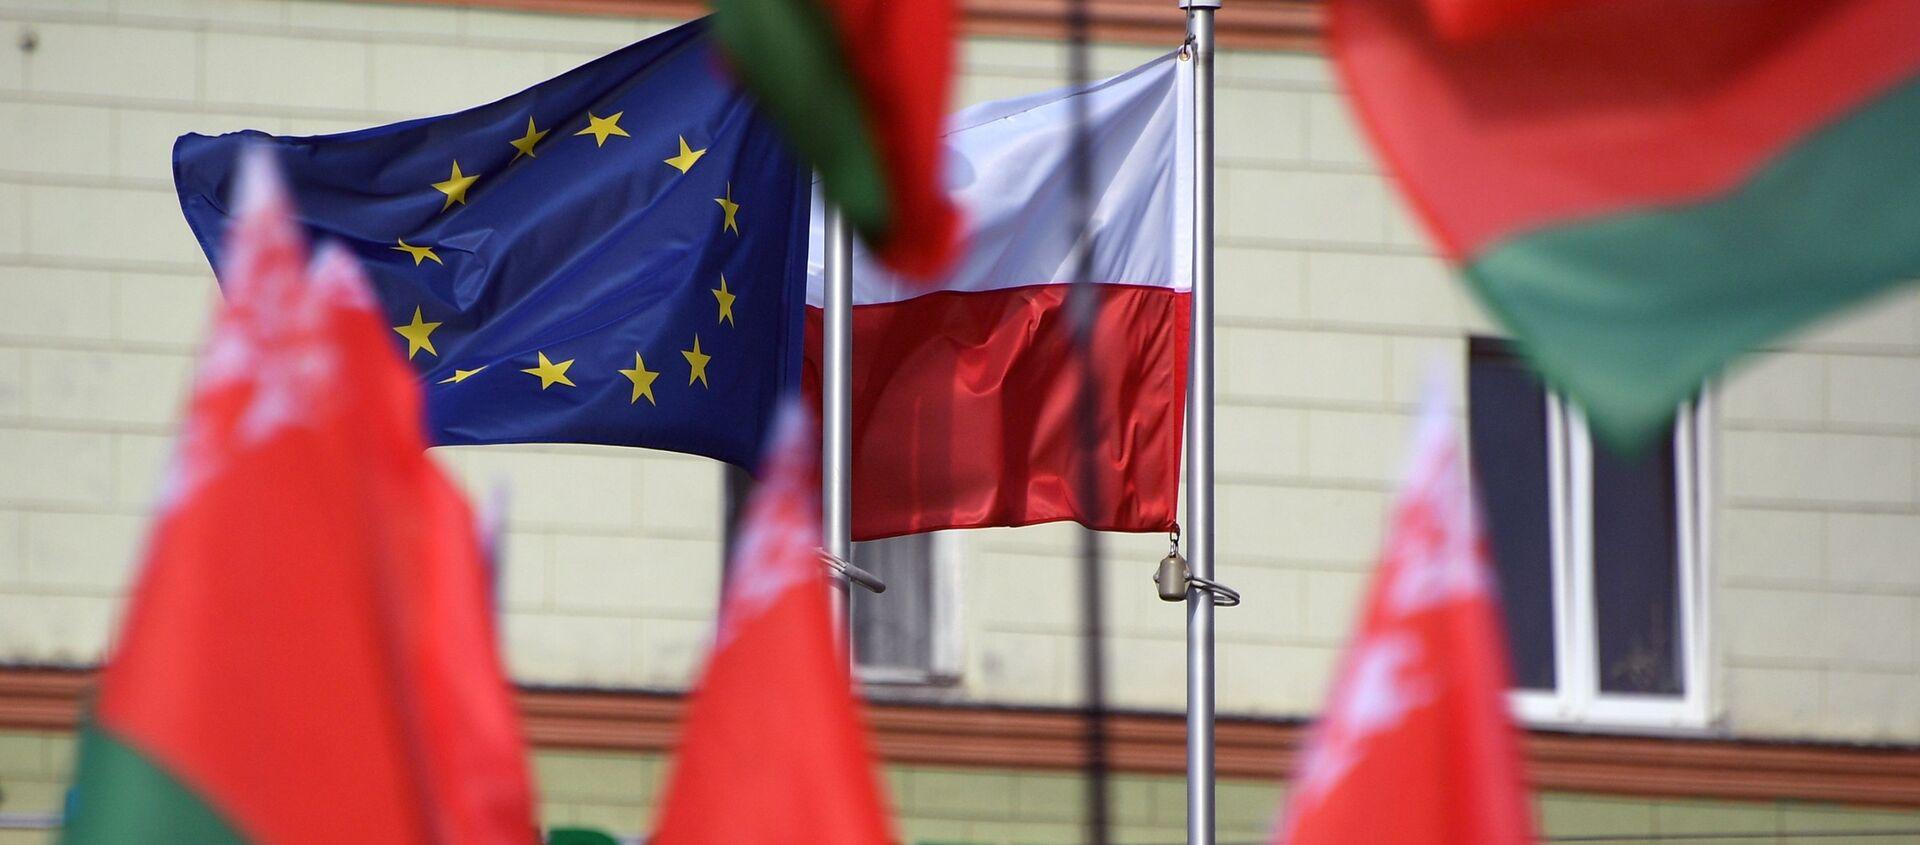 Flagi Białorusi, Polski i UE przed Ambasadą RP w Mińsku. - Sputnik Polska, 1920, 23.03.2021